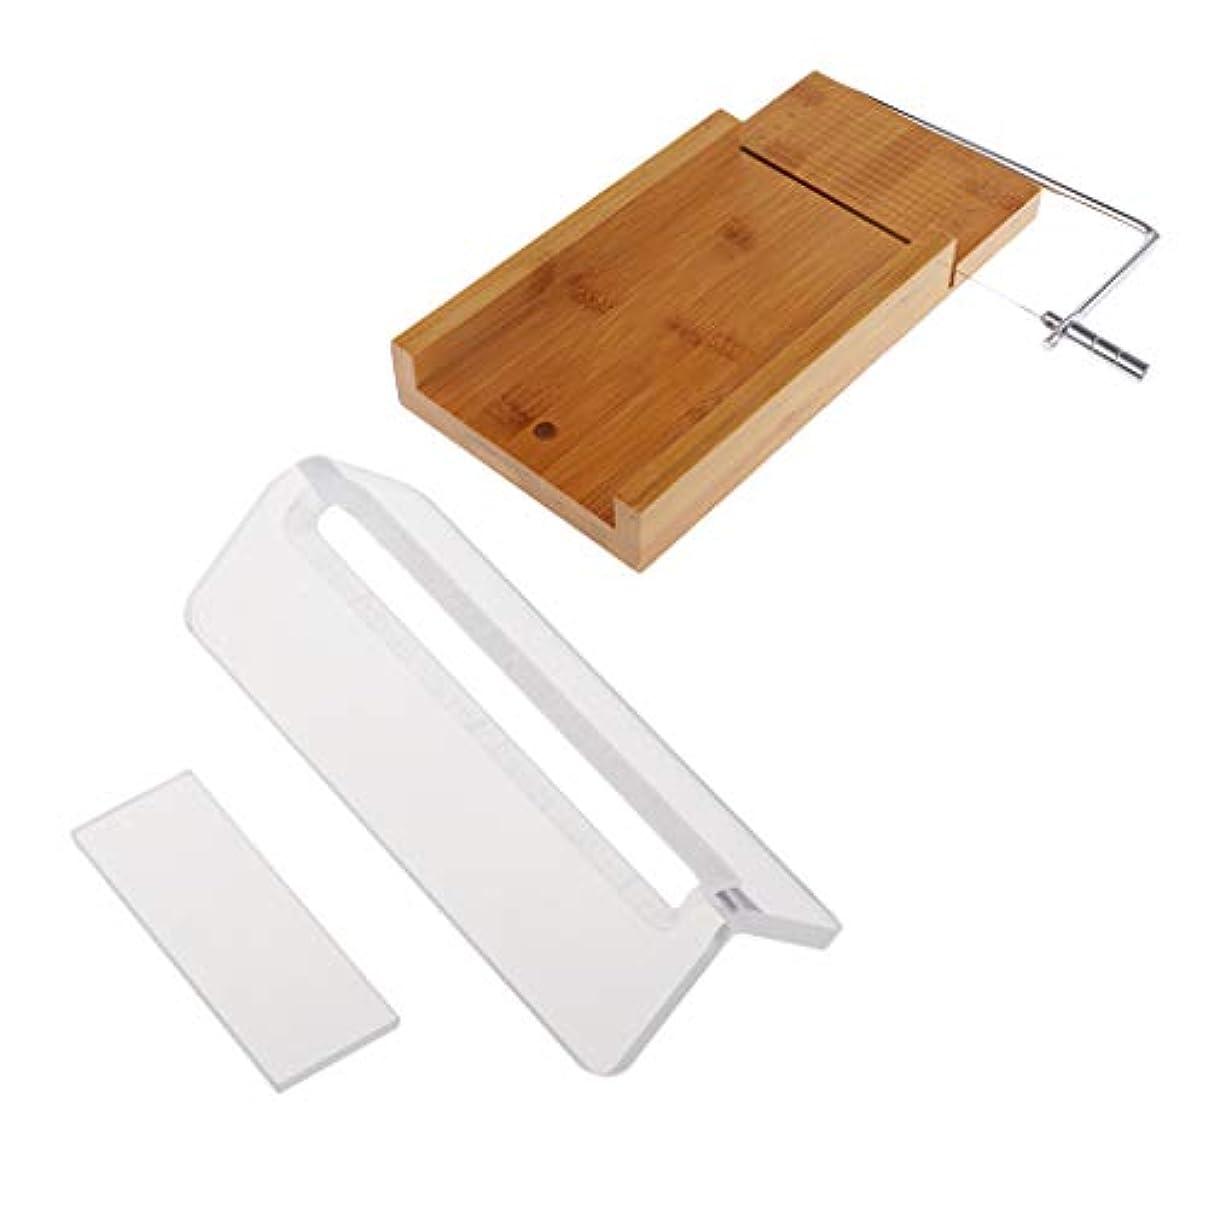 歯科医牧草地ペネロペローフカッター 木製 ソープ包丁 石鹸カッター 手作り石鹸 DIY キッチン用品 2個入り